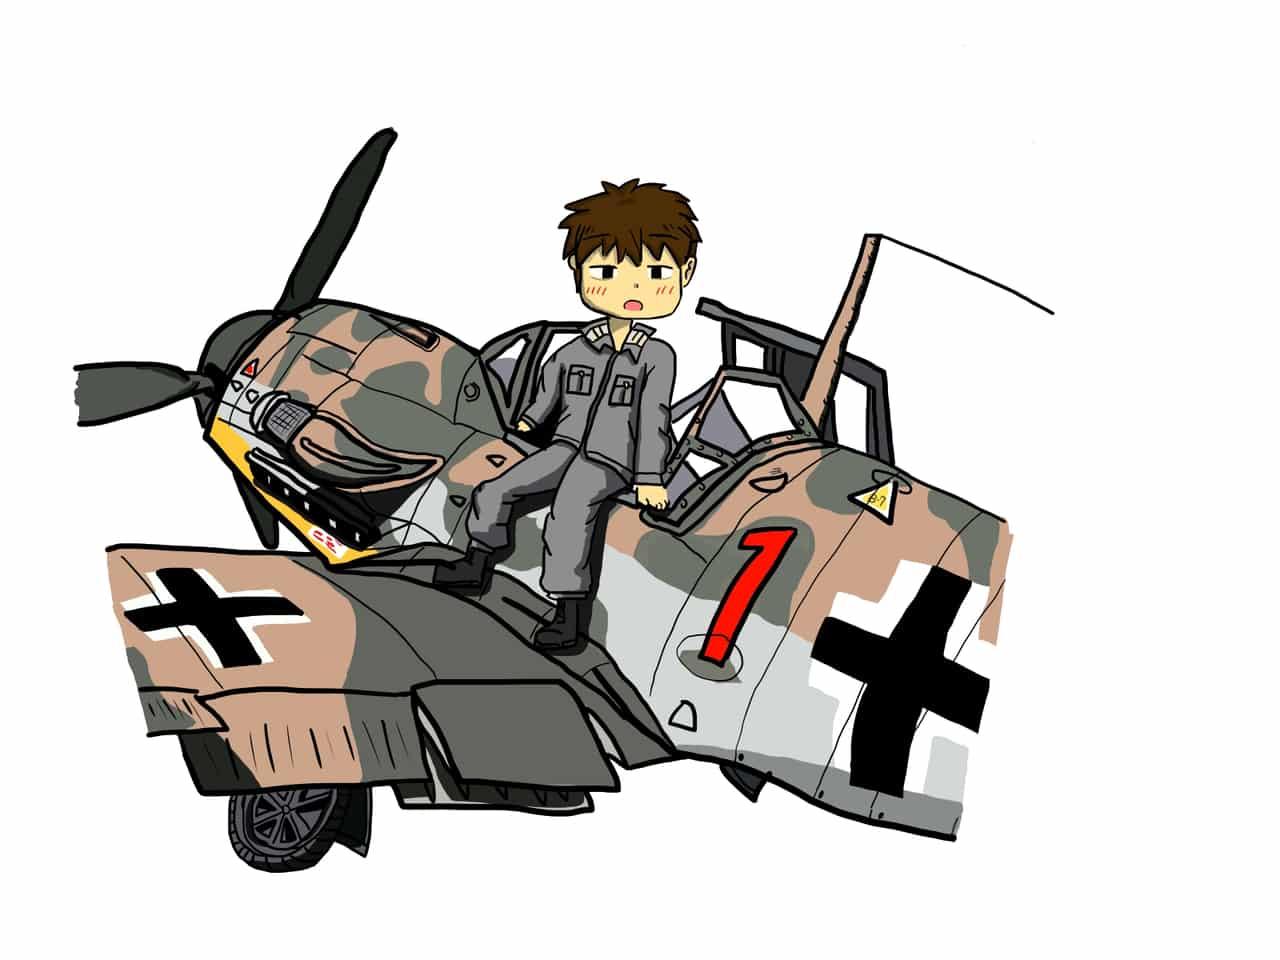 Bf109-G2 Illust of Kk90